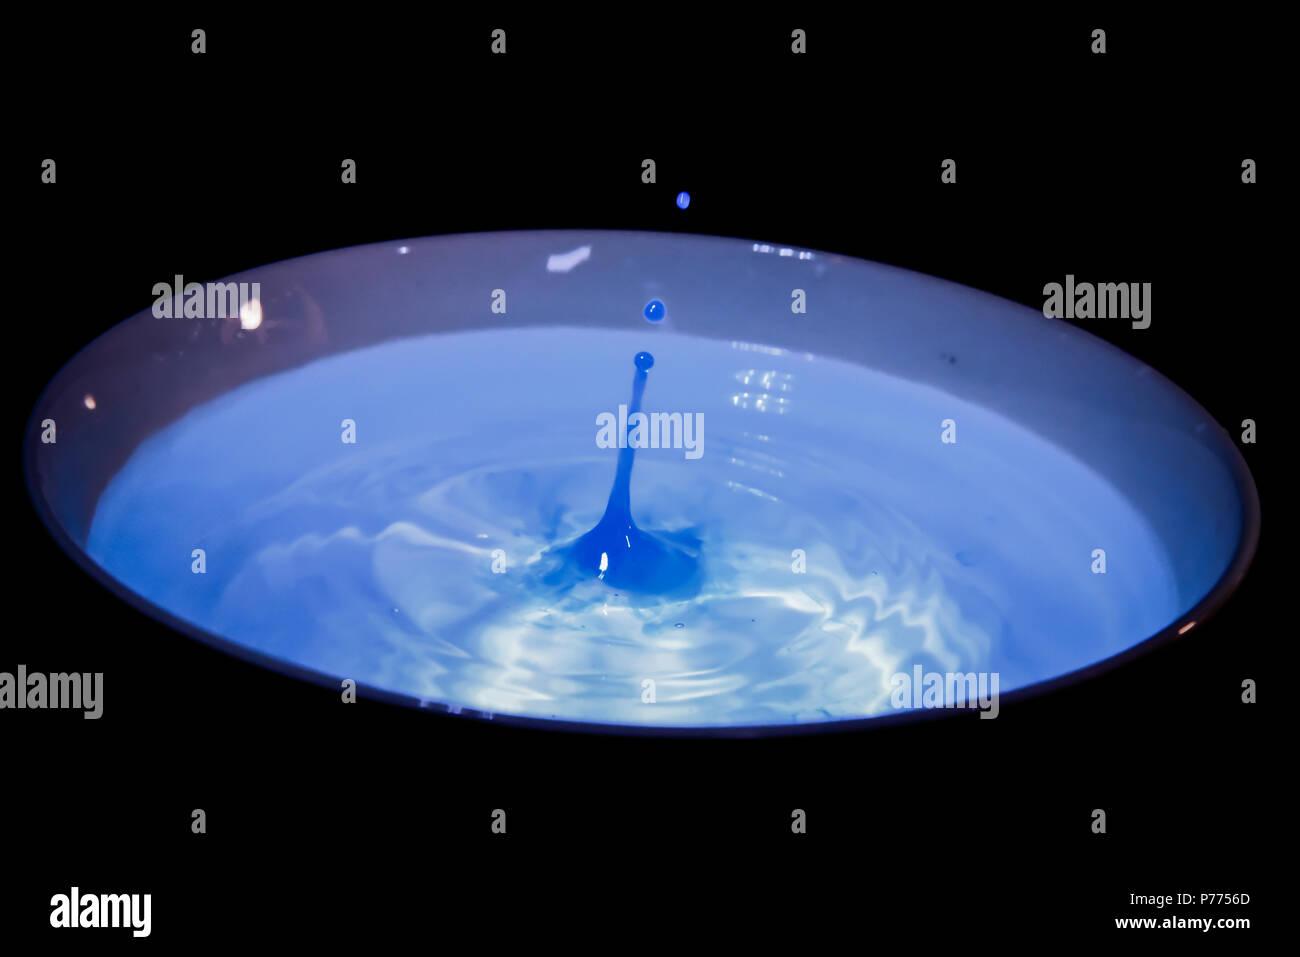 Una aislada, fría y azul gota de agua Imagen De Stock